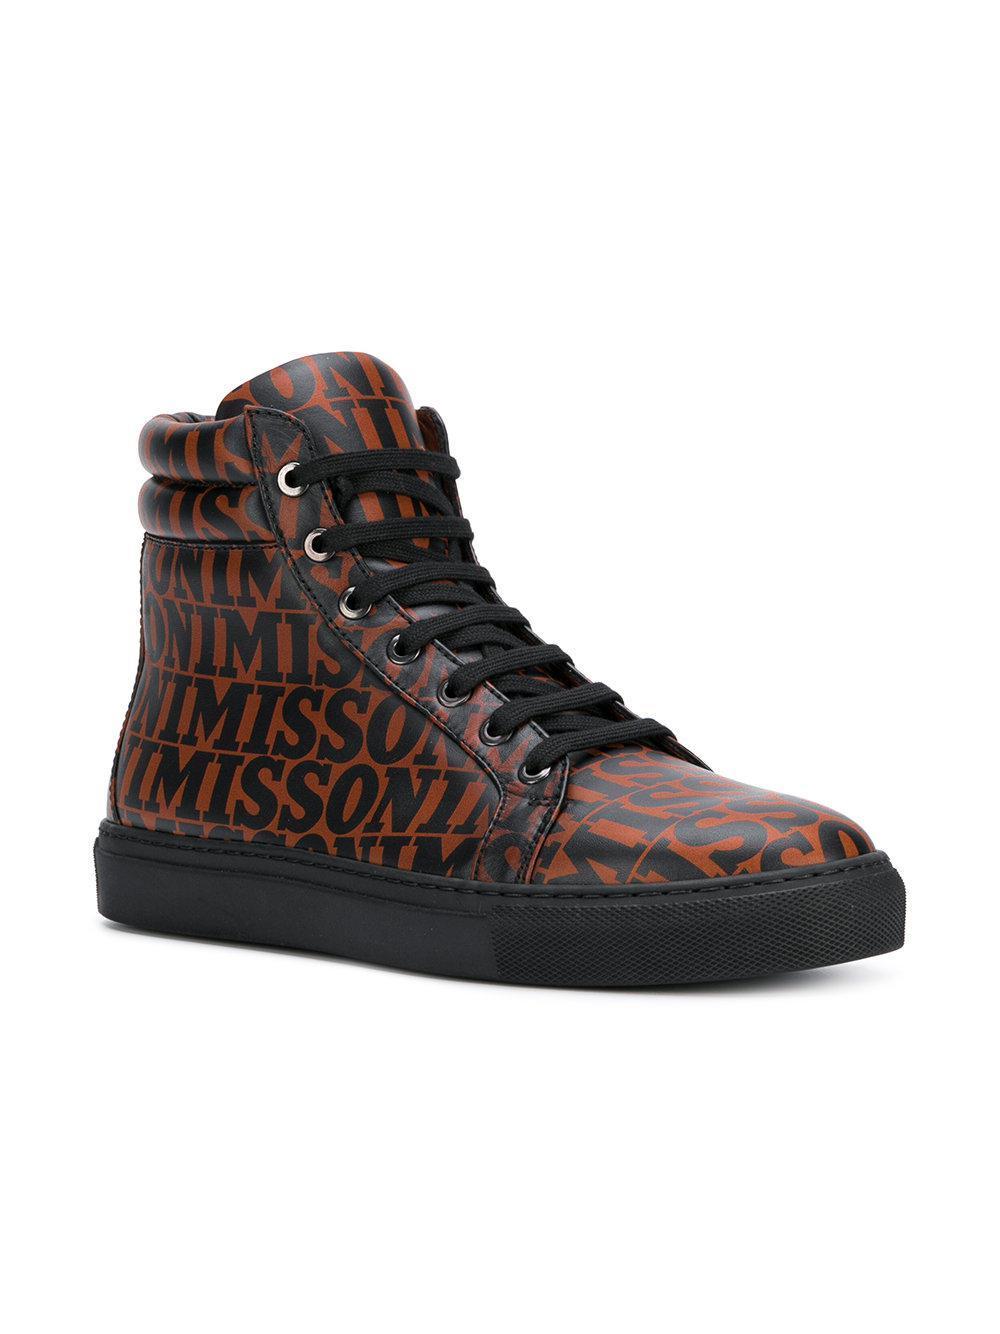 f717cfa415b72e Missoni Printed Hi-top Sneakers in Black for Men - Lyst